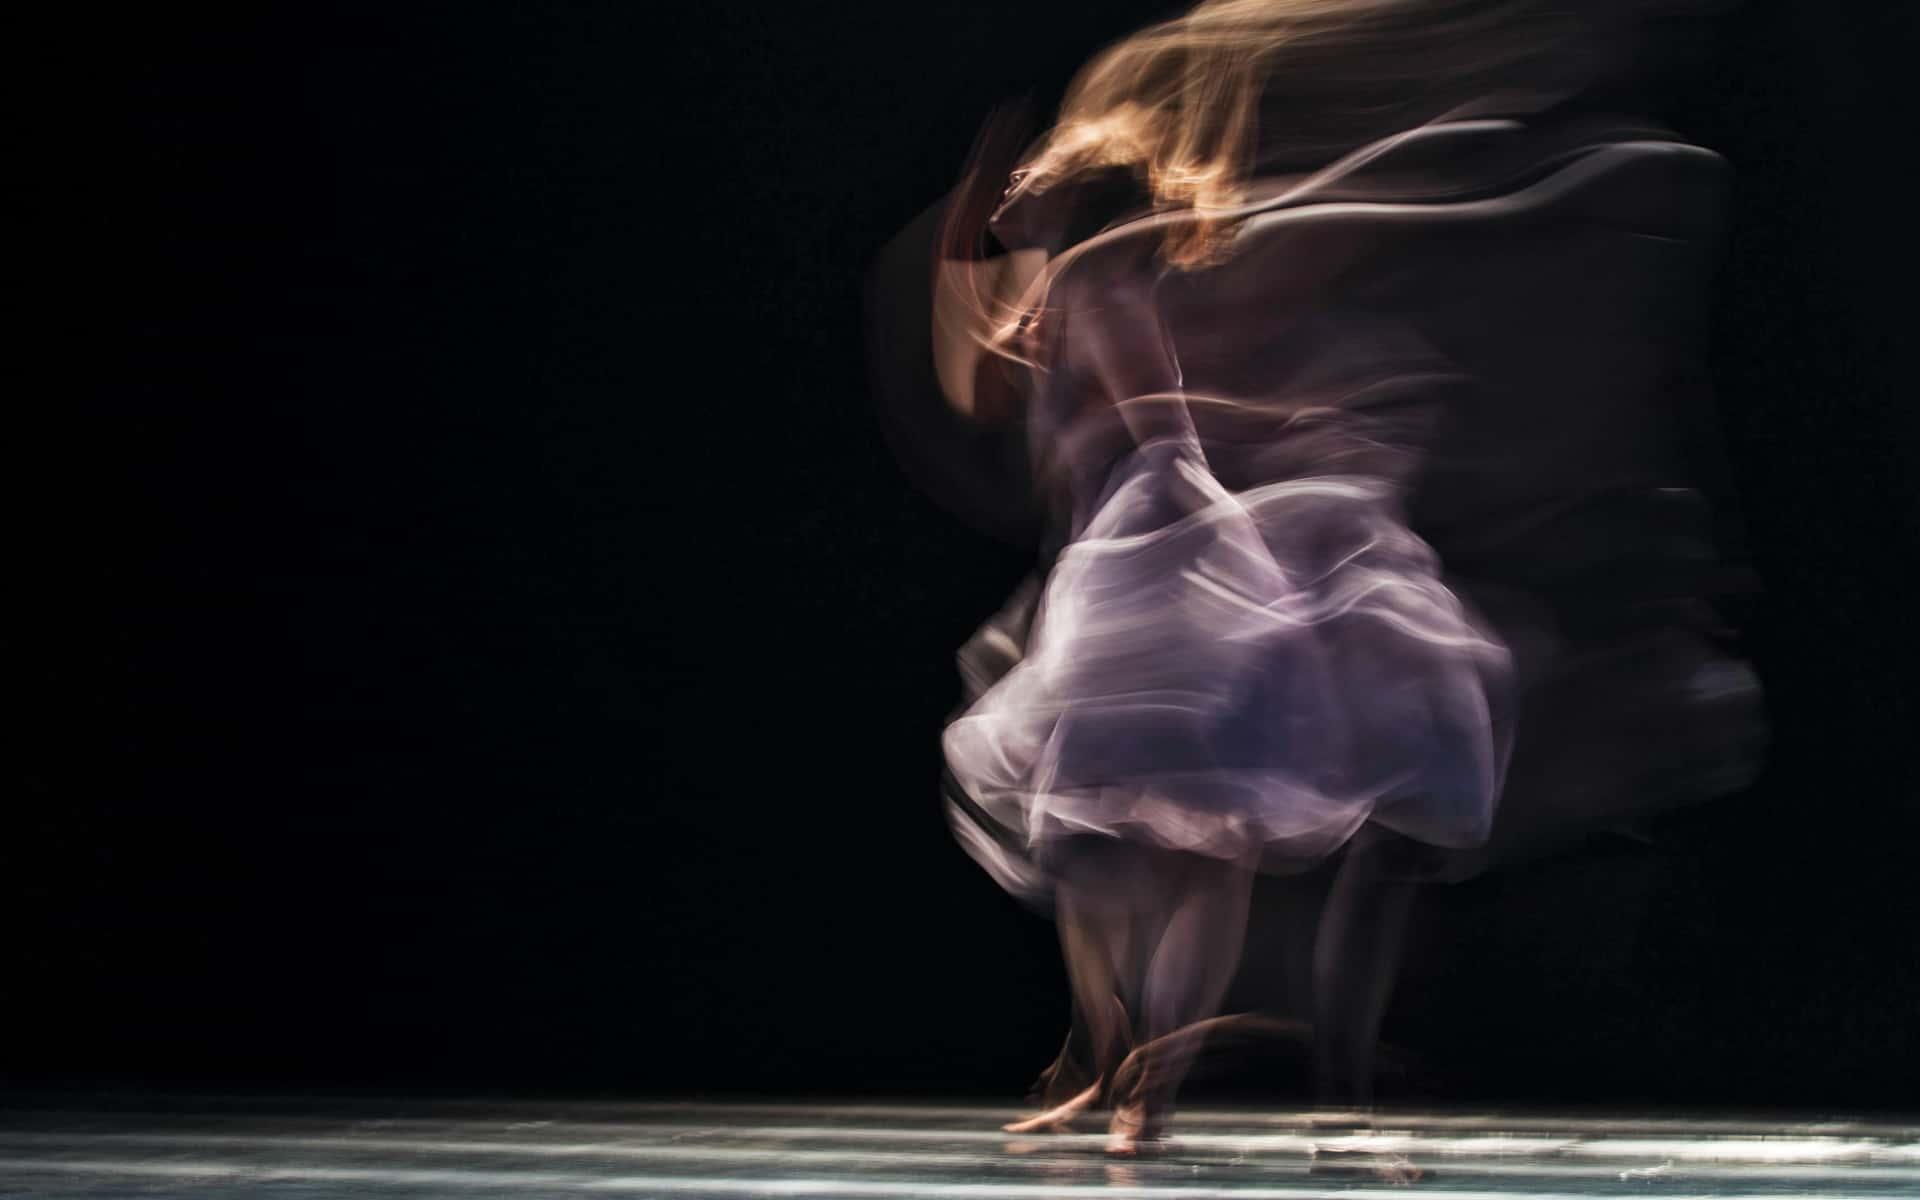 https://www.millharbour.co.uk/wp-content/uploads/2020/08/MH-Eastern-Promise-Dancer.jpg